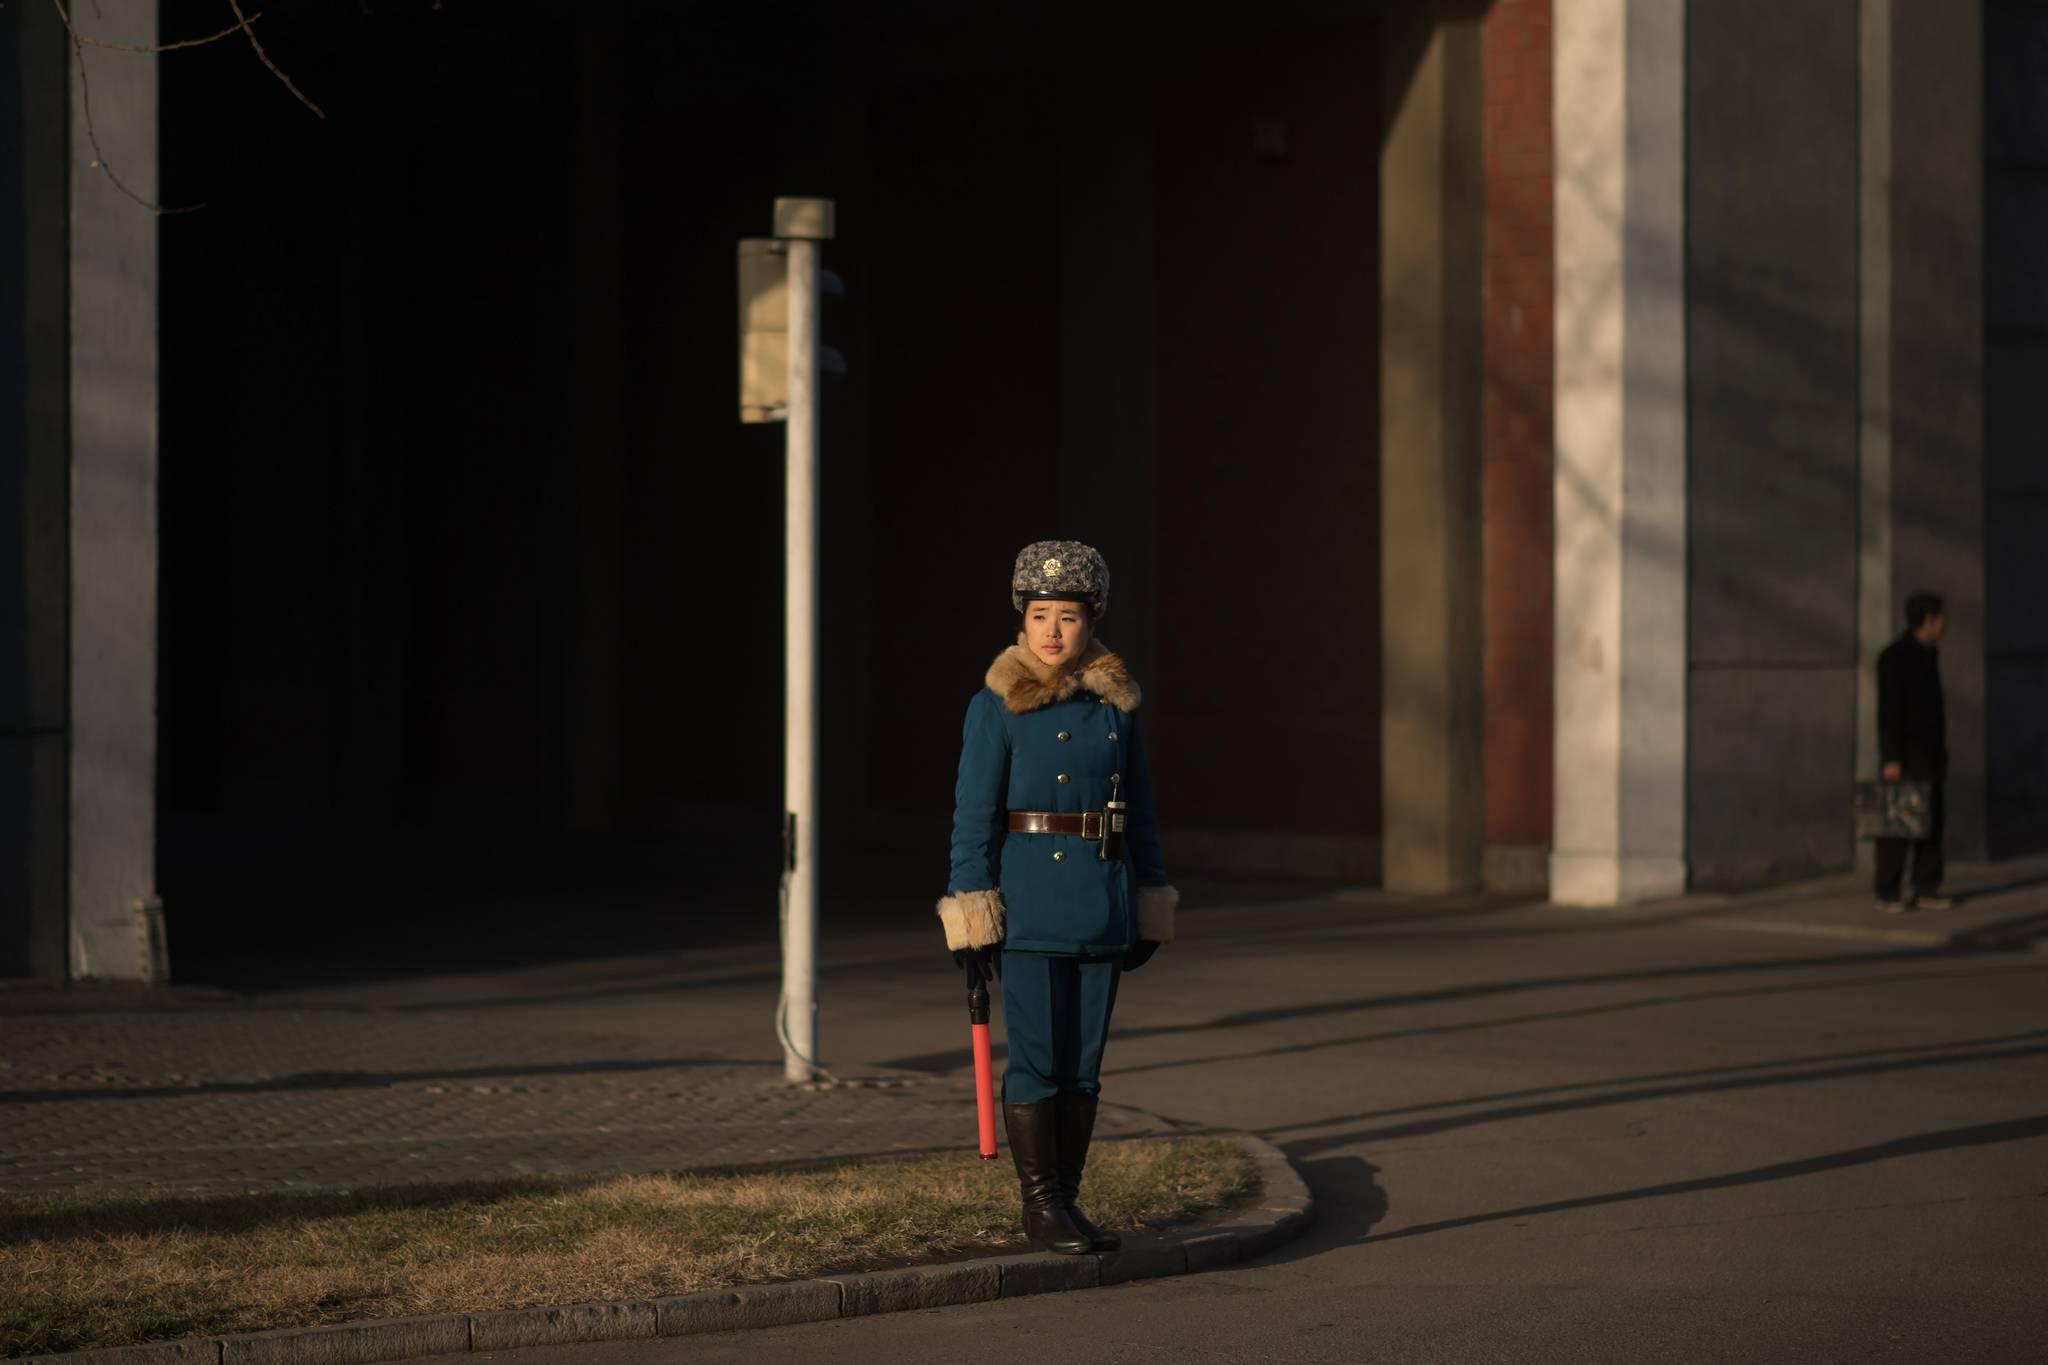 지난해 11월29일 북한 평양 시내 교차로에서 교통지도를 하고 있는 여성 교통보안원.[AFP=연합뉴스]